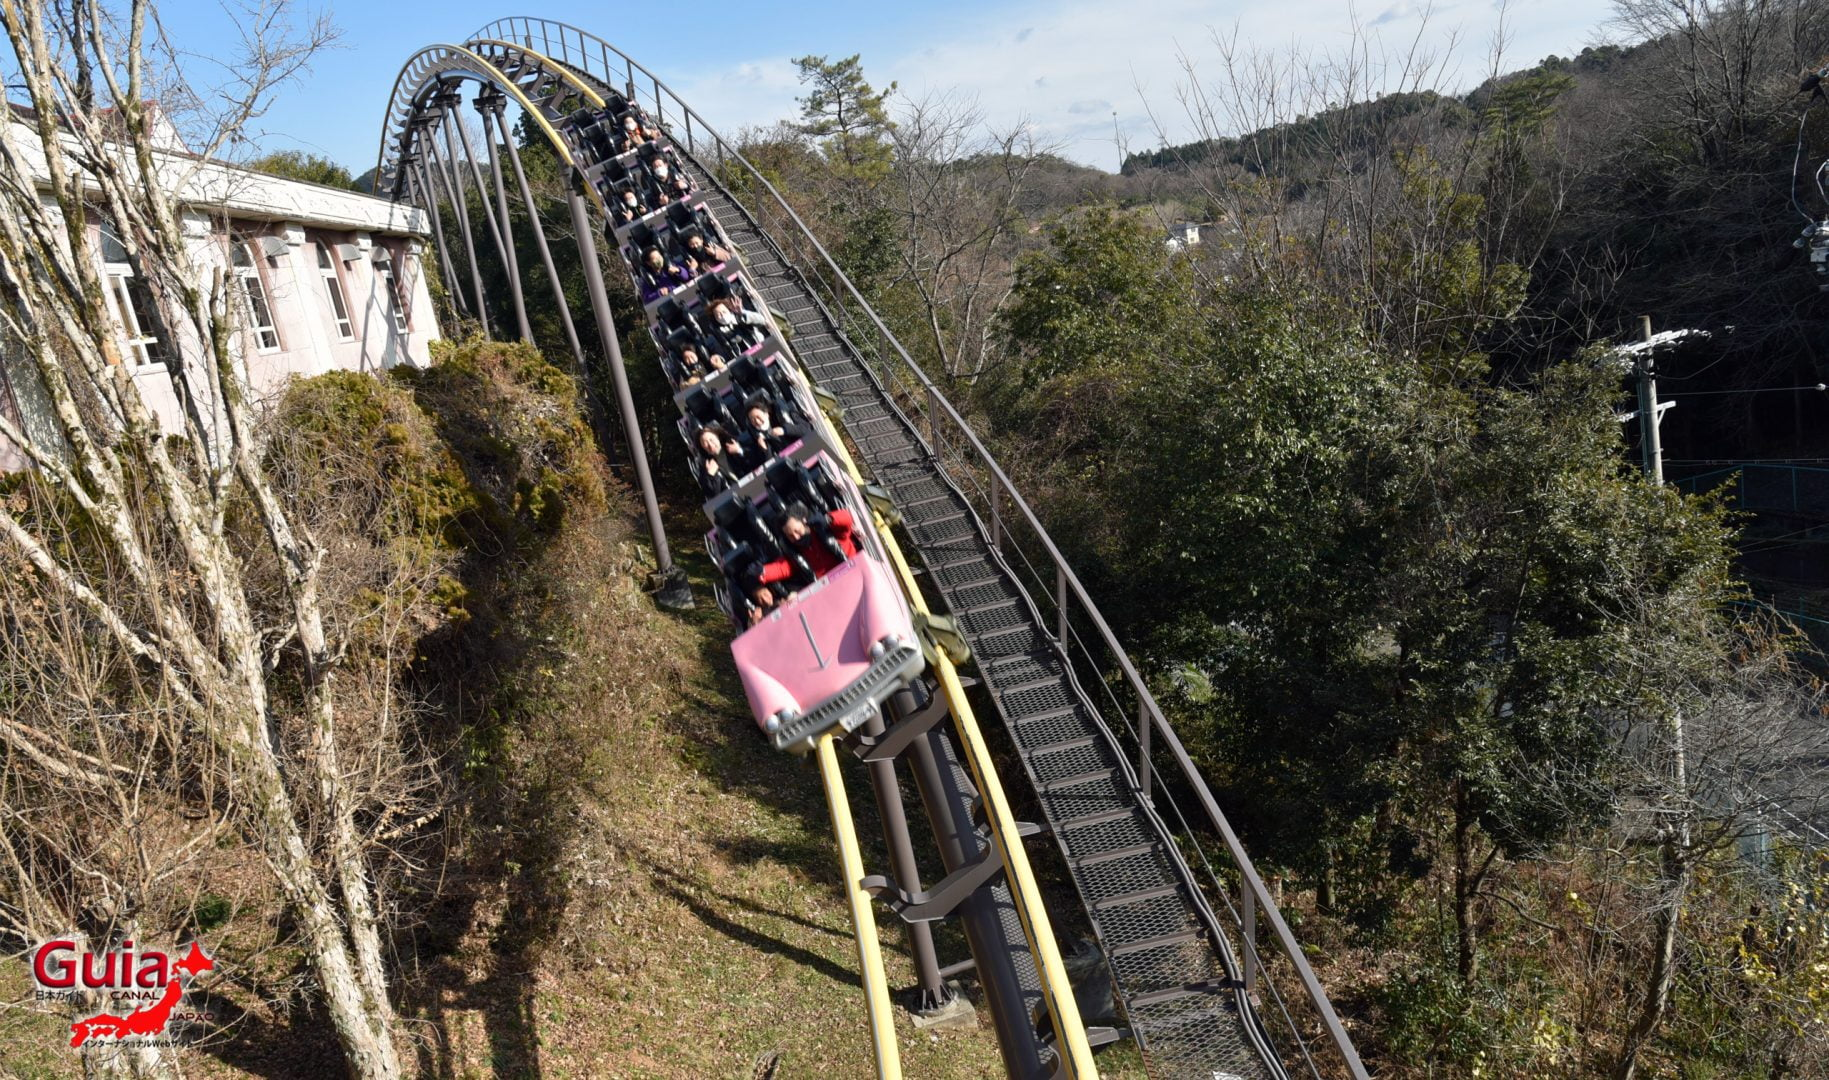 Parco dei divertimenti - Japan Monkey Park 8